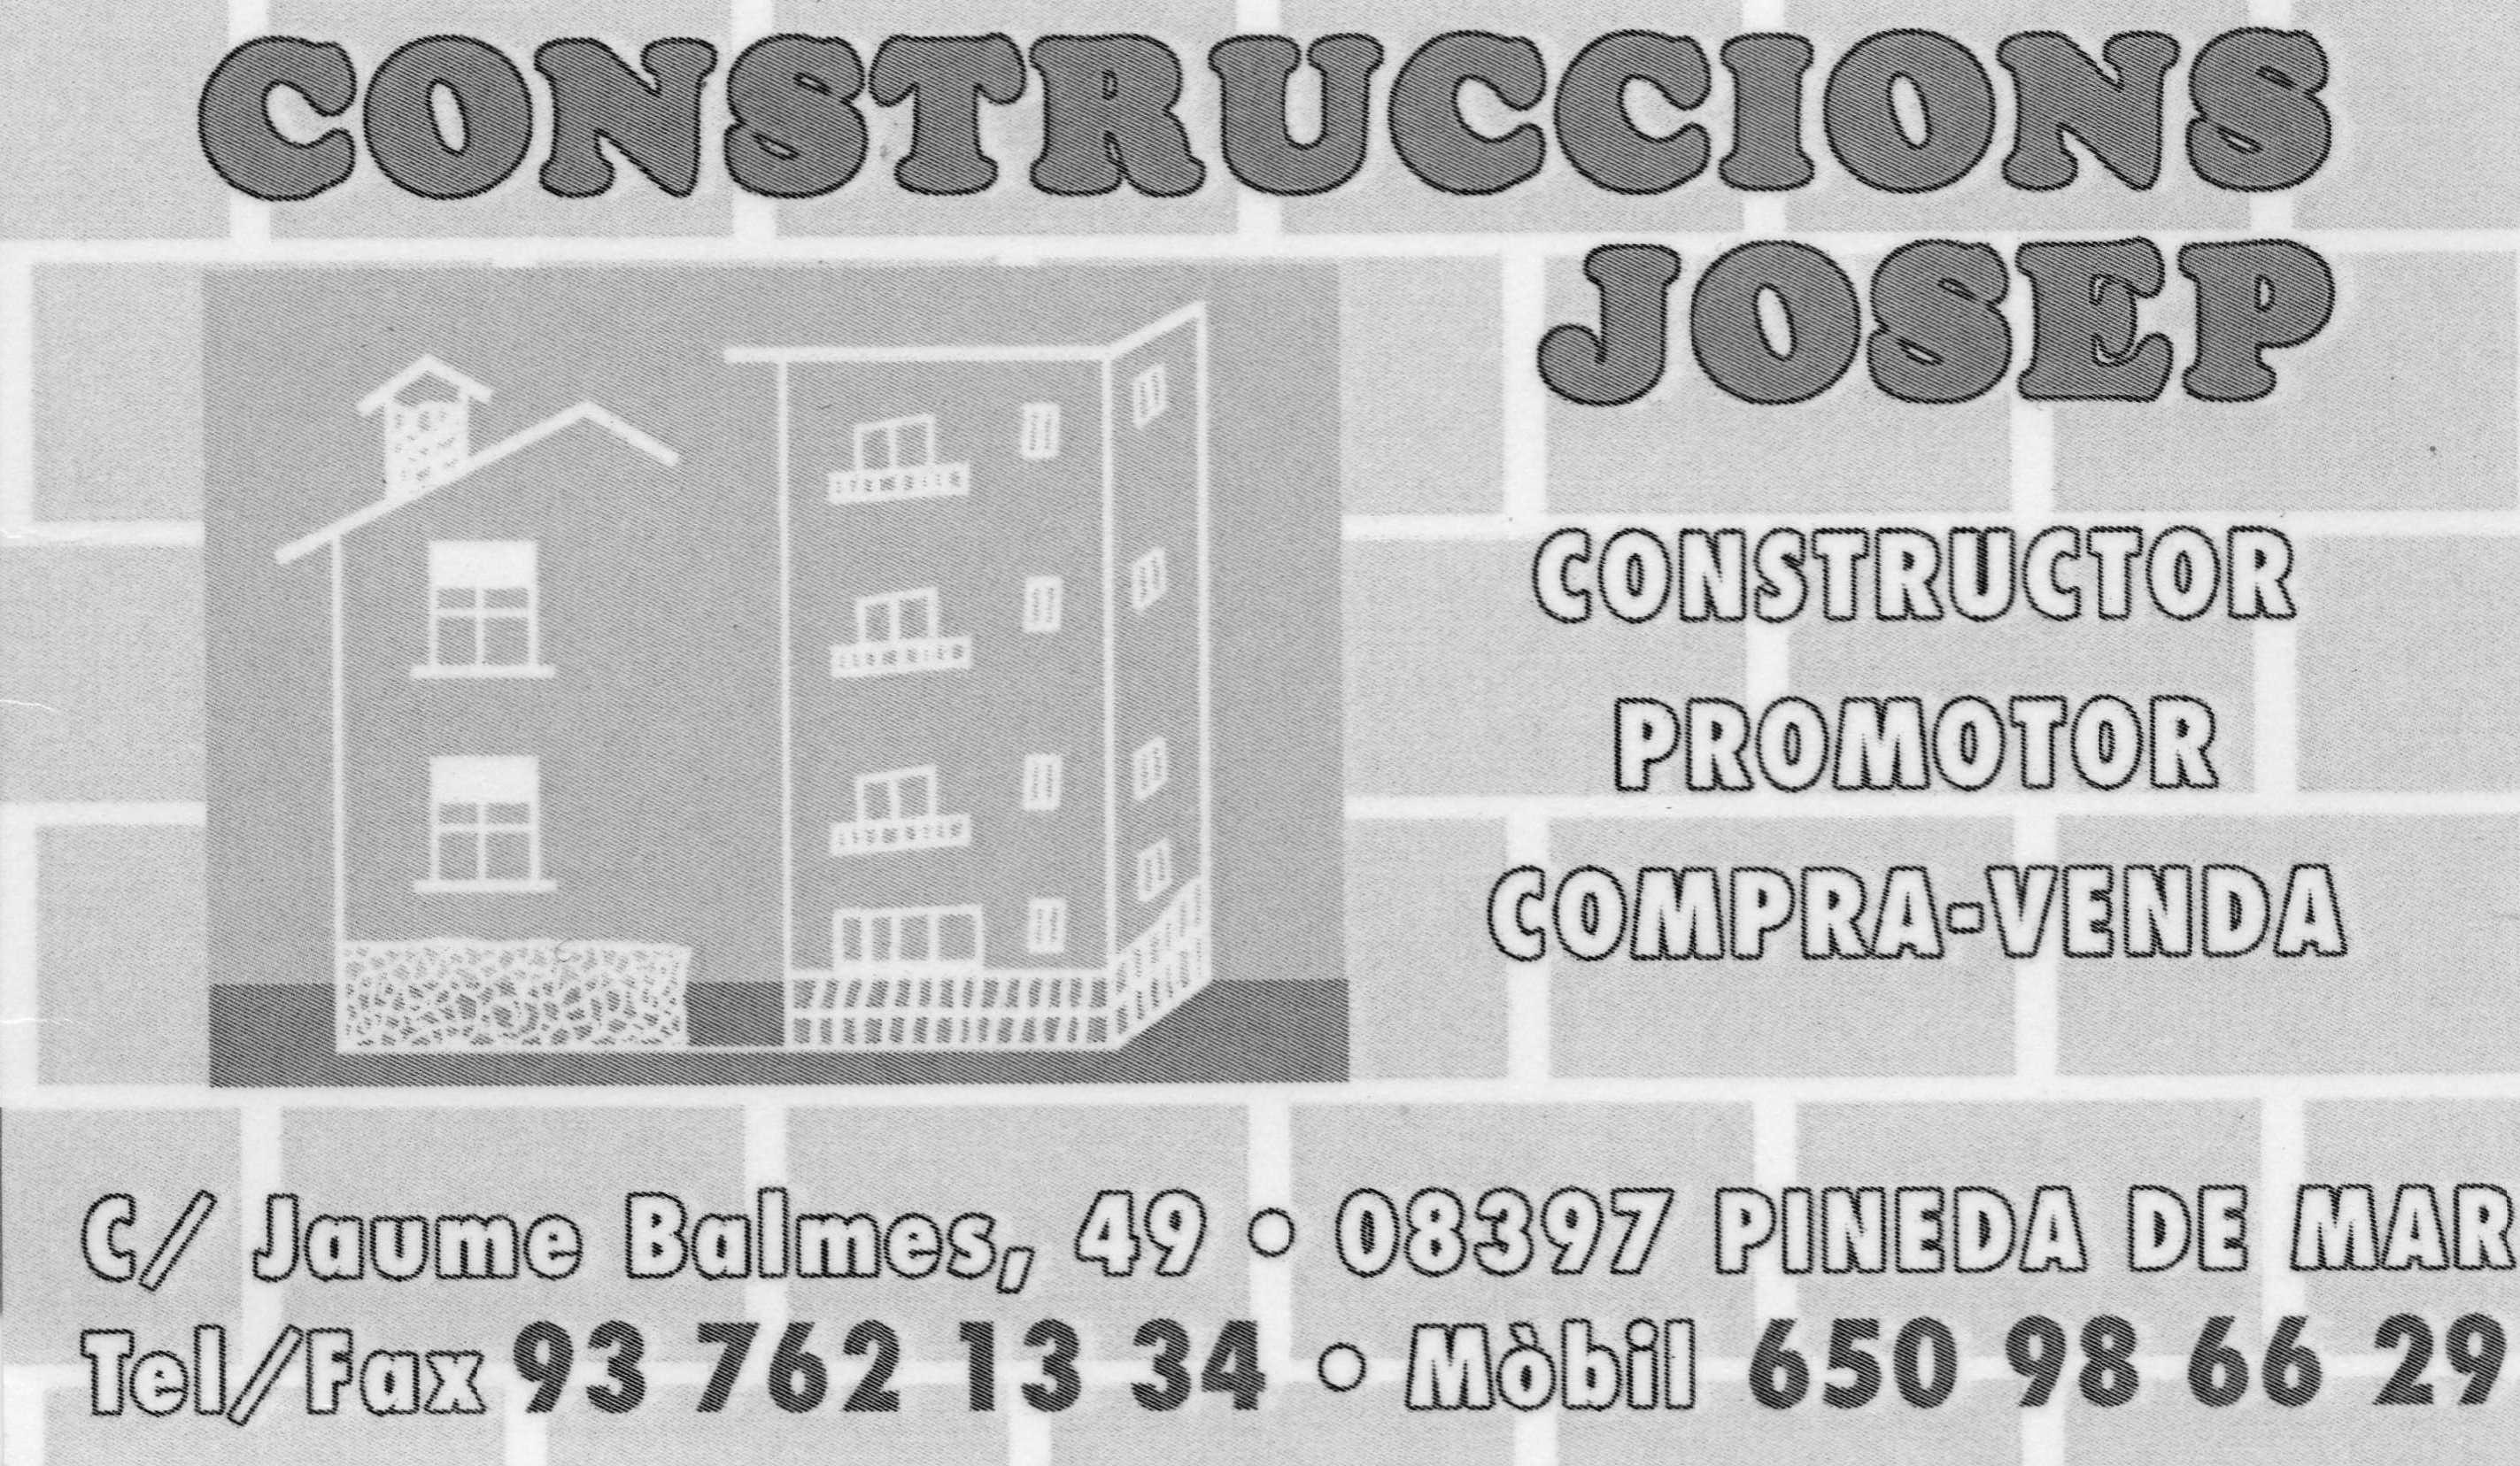 Construccions I Redormes Josep